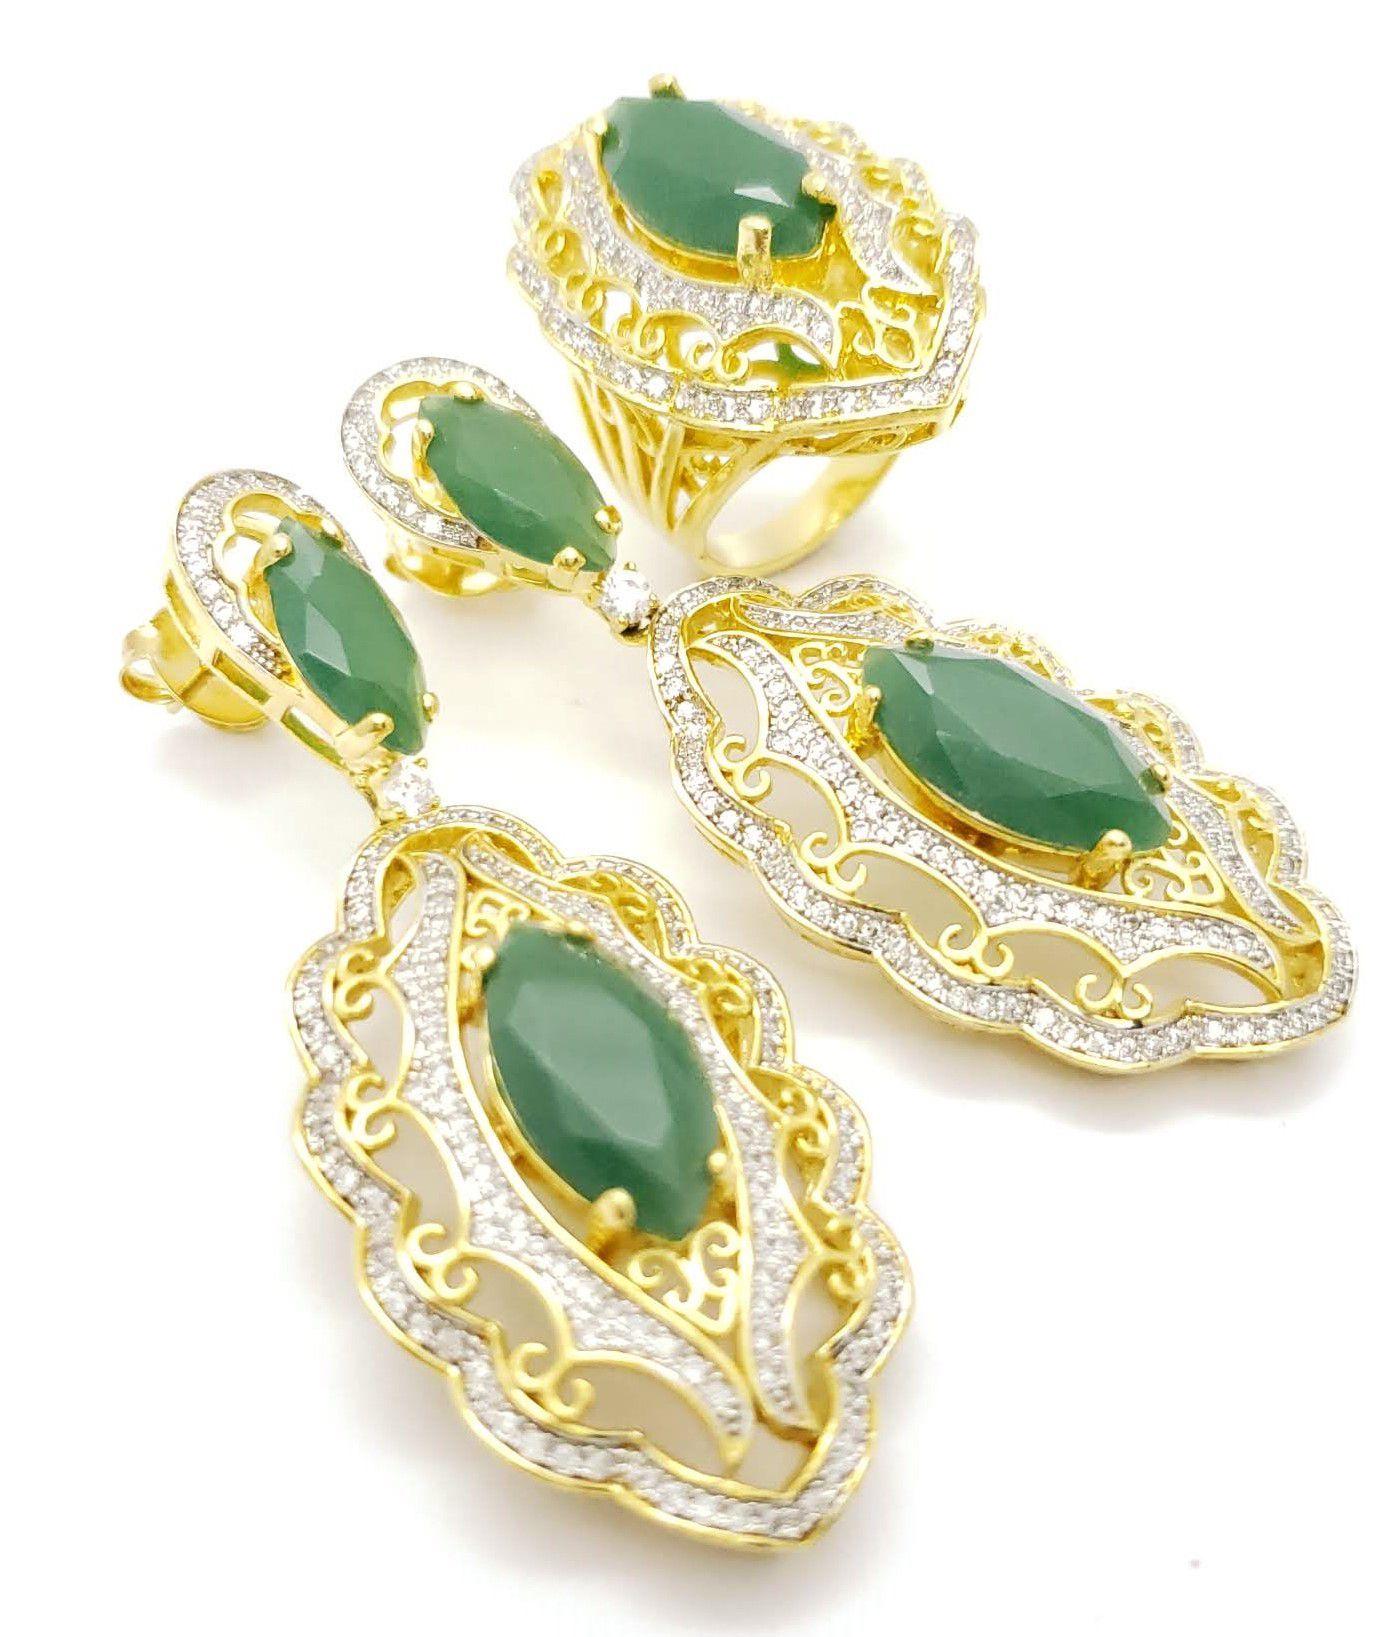 Anel E Brincos Cristal Verde Esmeralda Cravejados  Banho De Ouro 18k 3864 3865